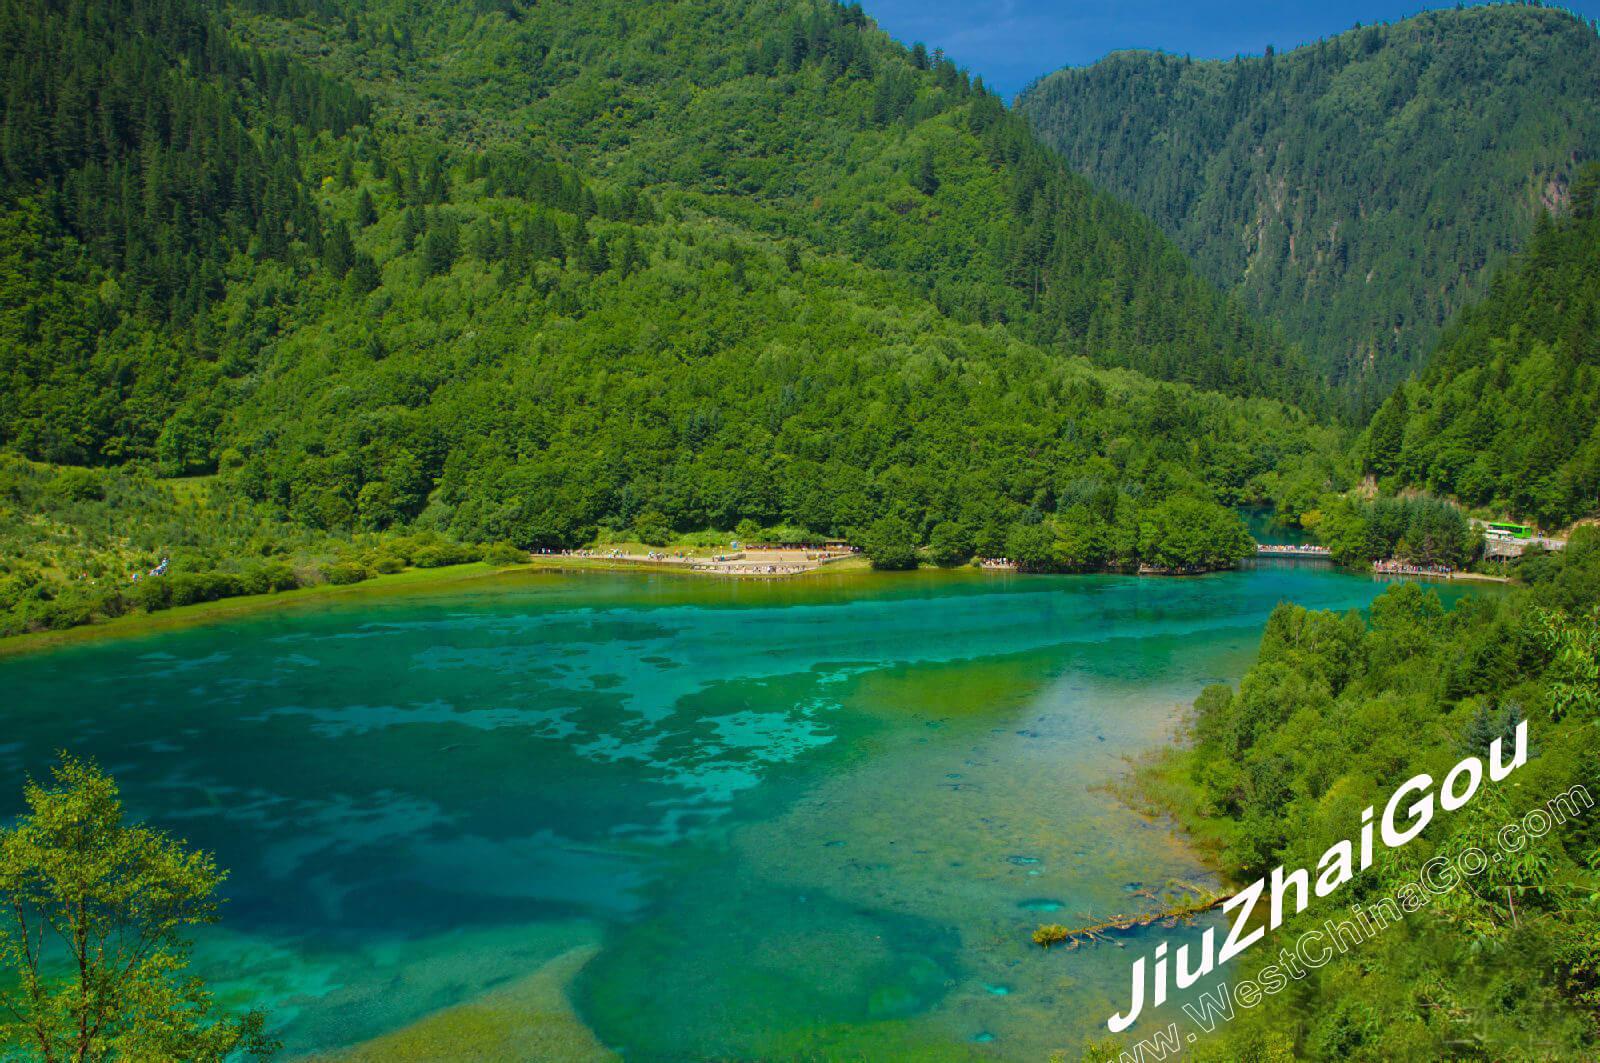 chengdu jiuzhaigou tour